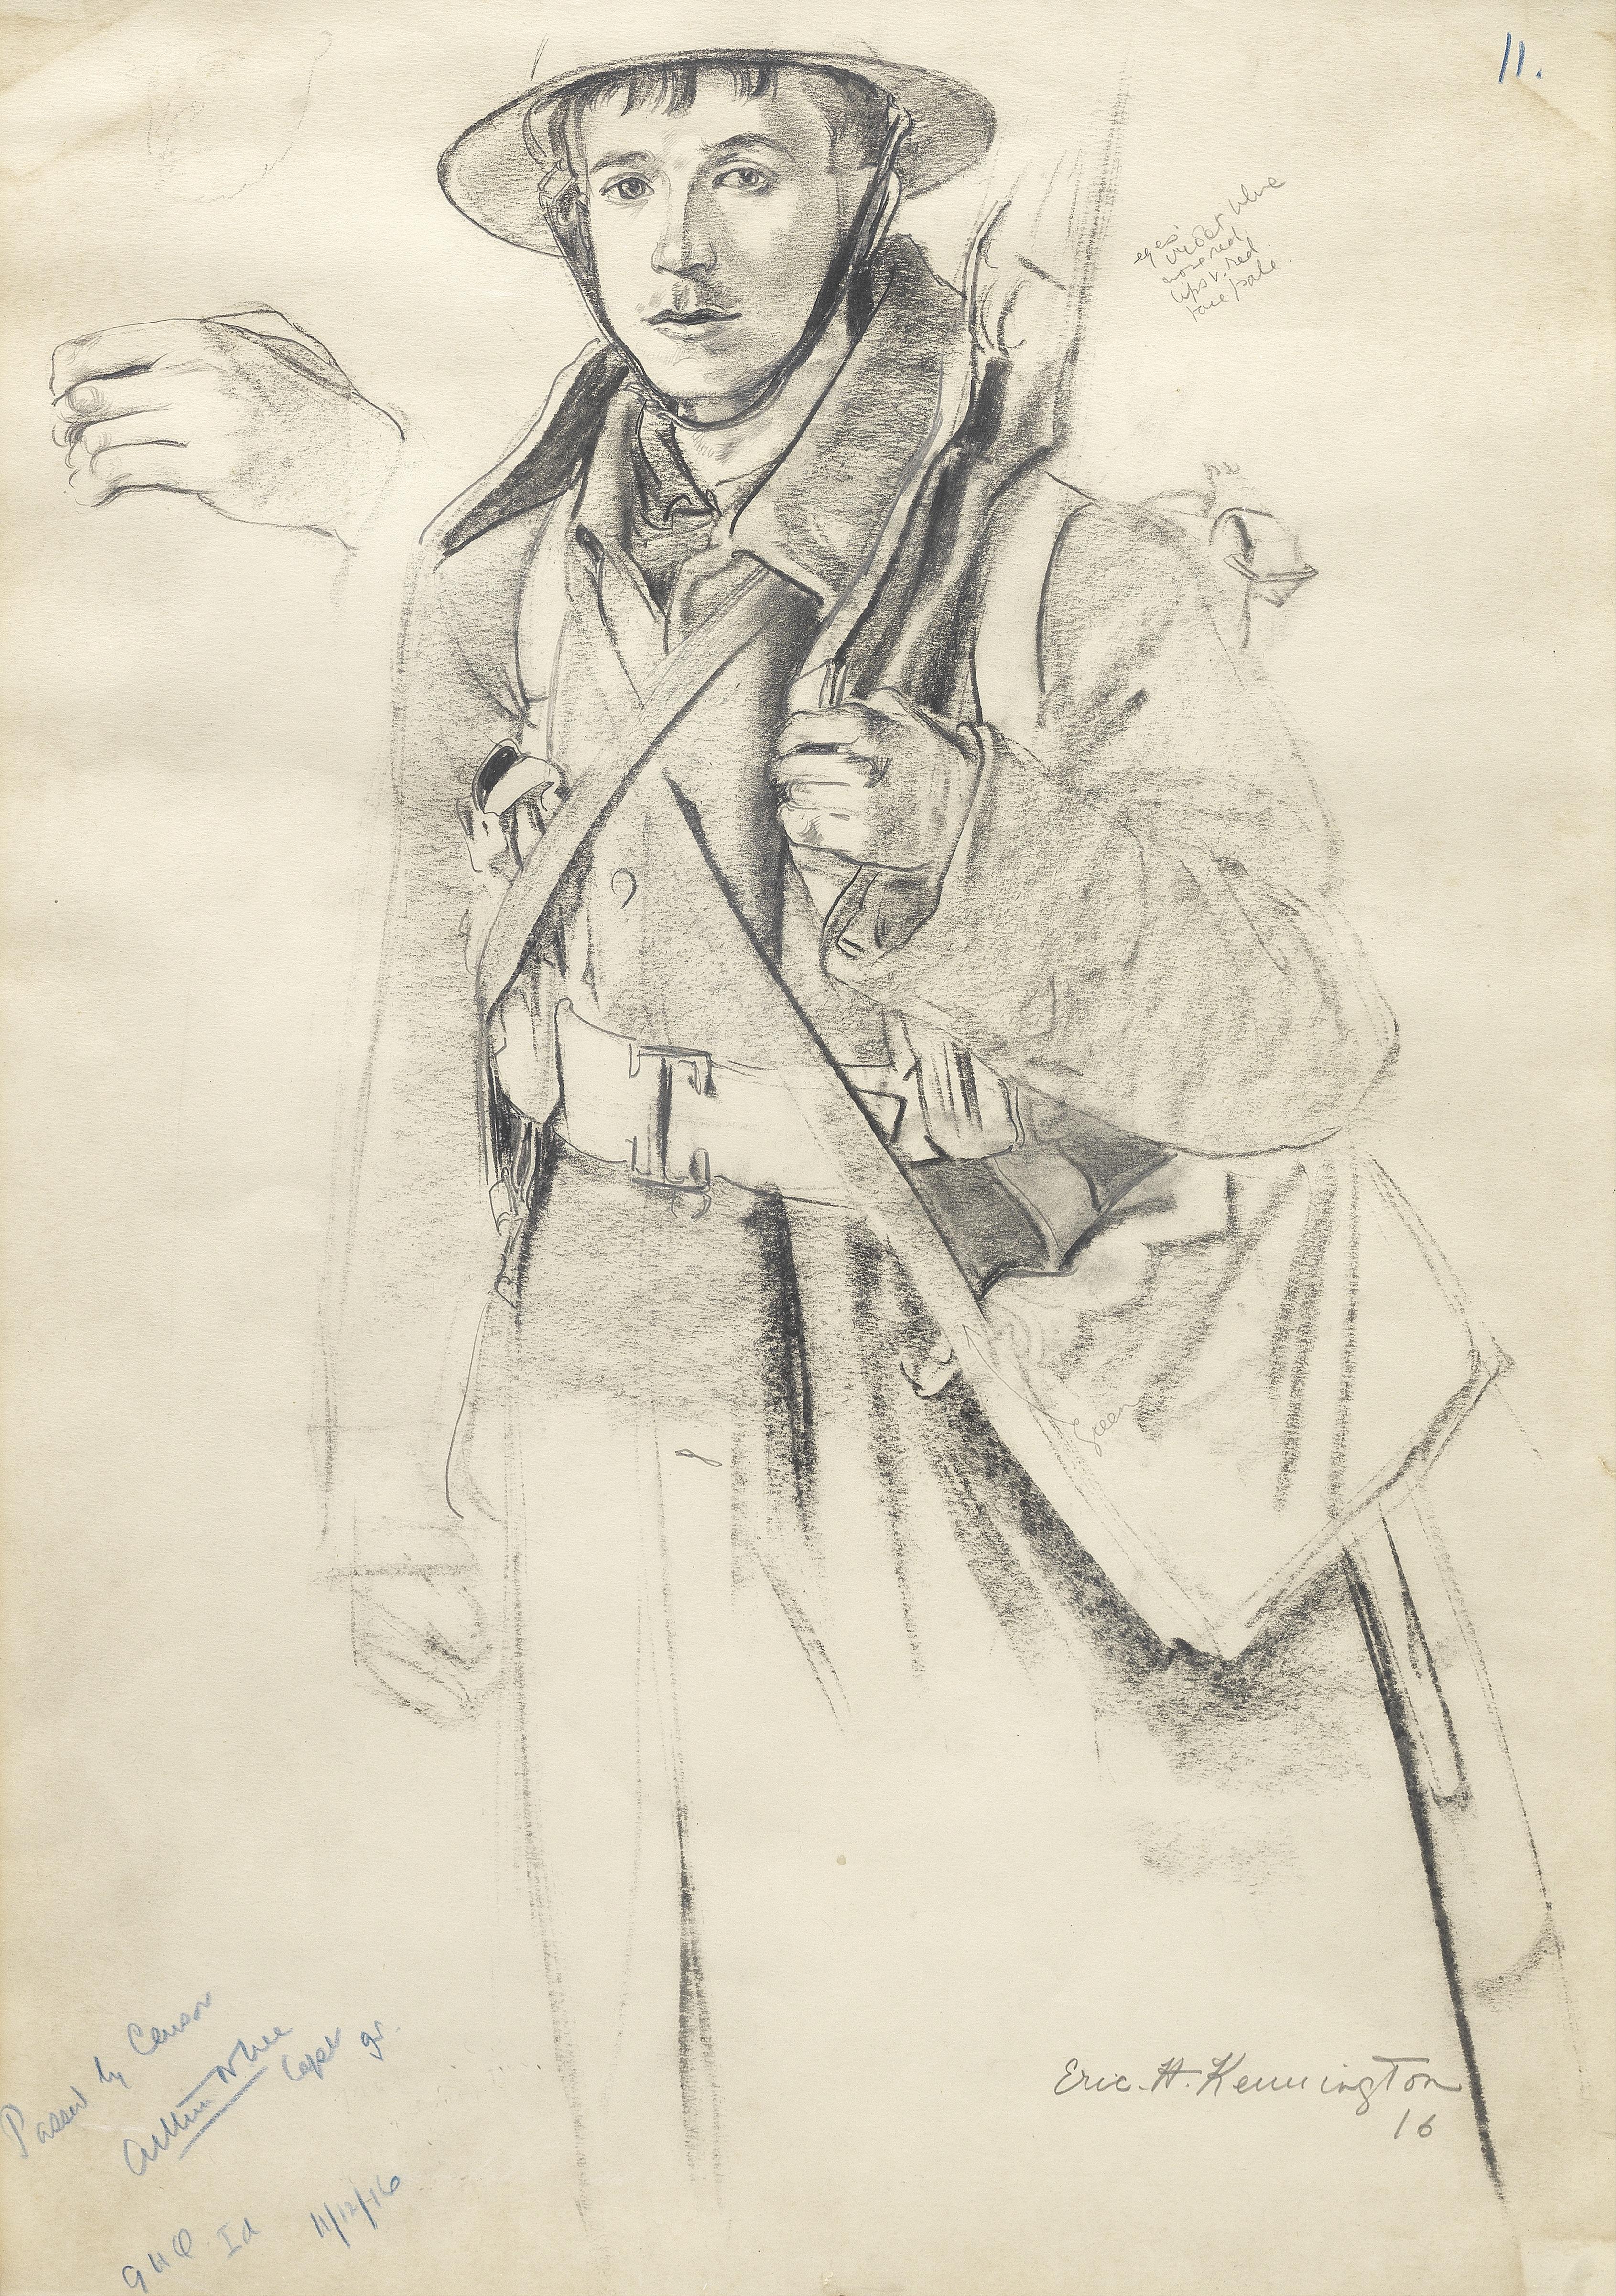 Eric Henri Kennington R.A. (British, 1888-1960) An Infantryman 54.5 x 37.8 cm. (21 1/2 x 14 7/8 in.)